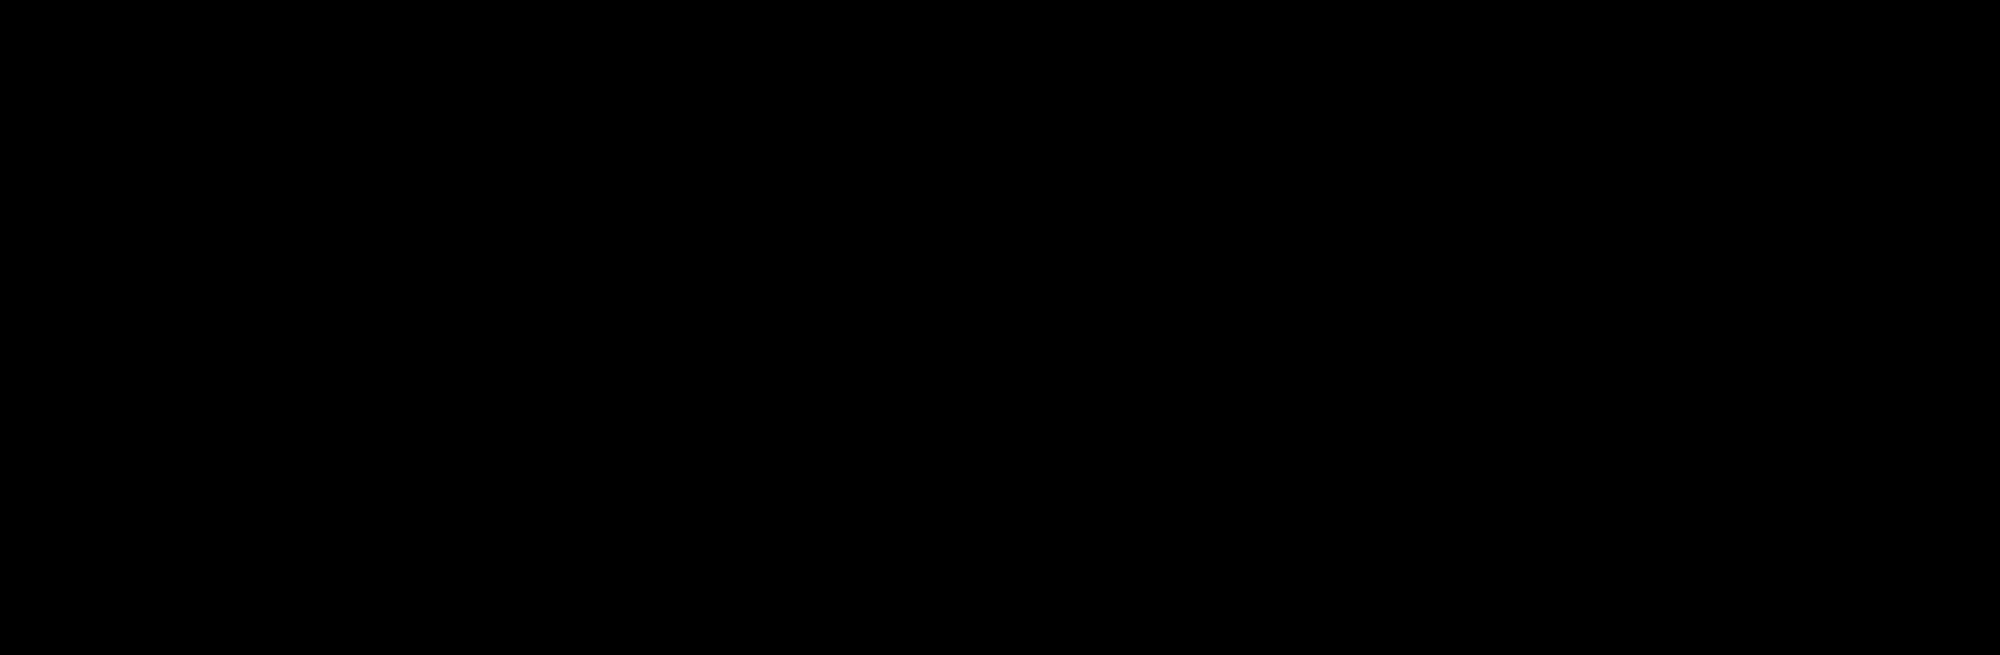 03FBA166-FC8D-42D5-982F-15170EAE416F-237-00000010D8A2F19F.png